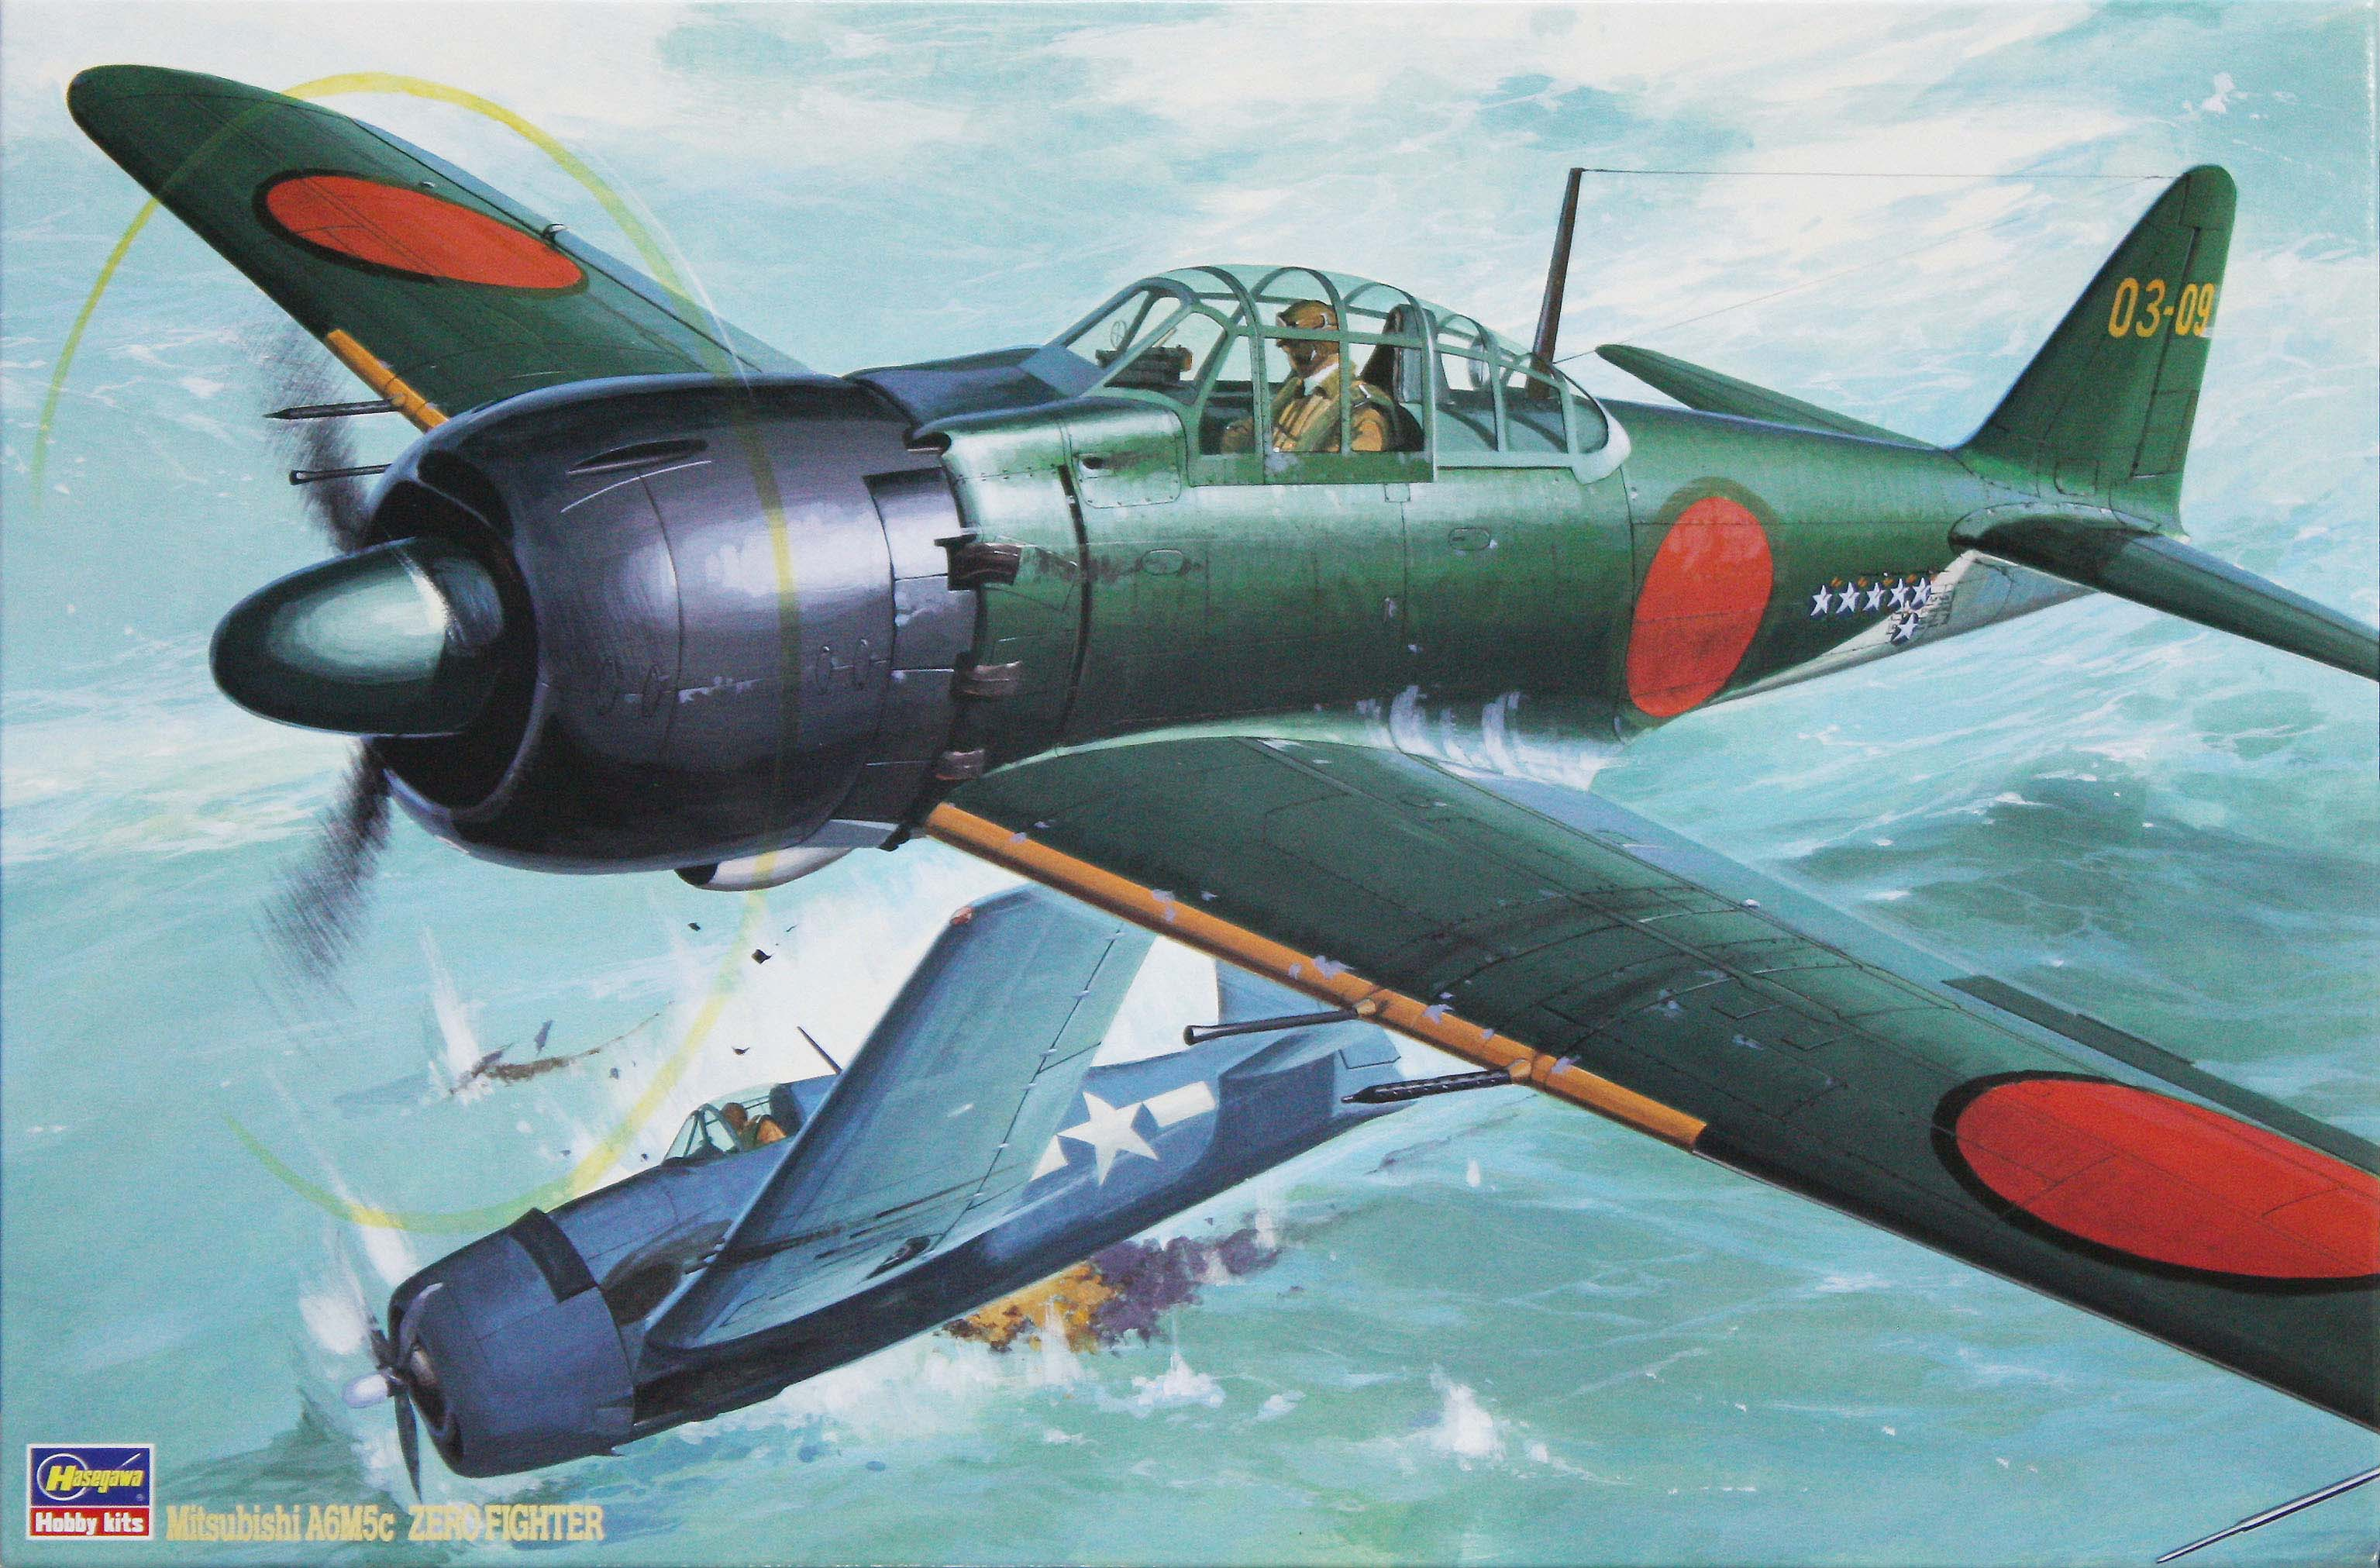 Hasegawa 1/32 Zero Fighter Type 52 (Zeke)